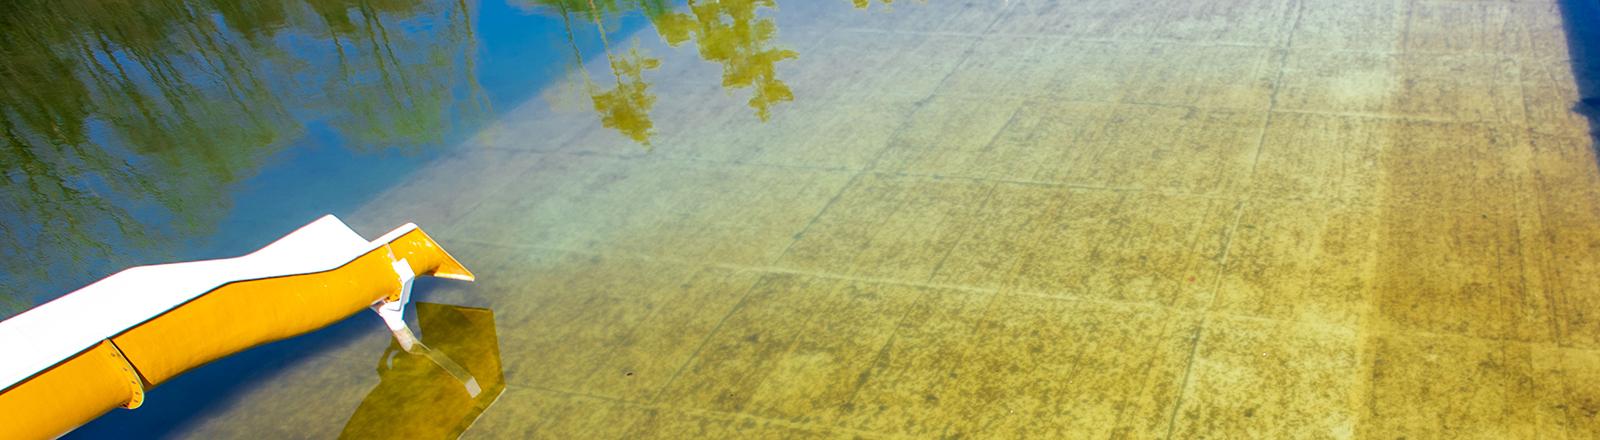 Blick auf ein Schwimmbecken im Freibad ohne Besucher; es scheint Herbst.